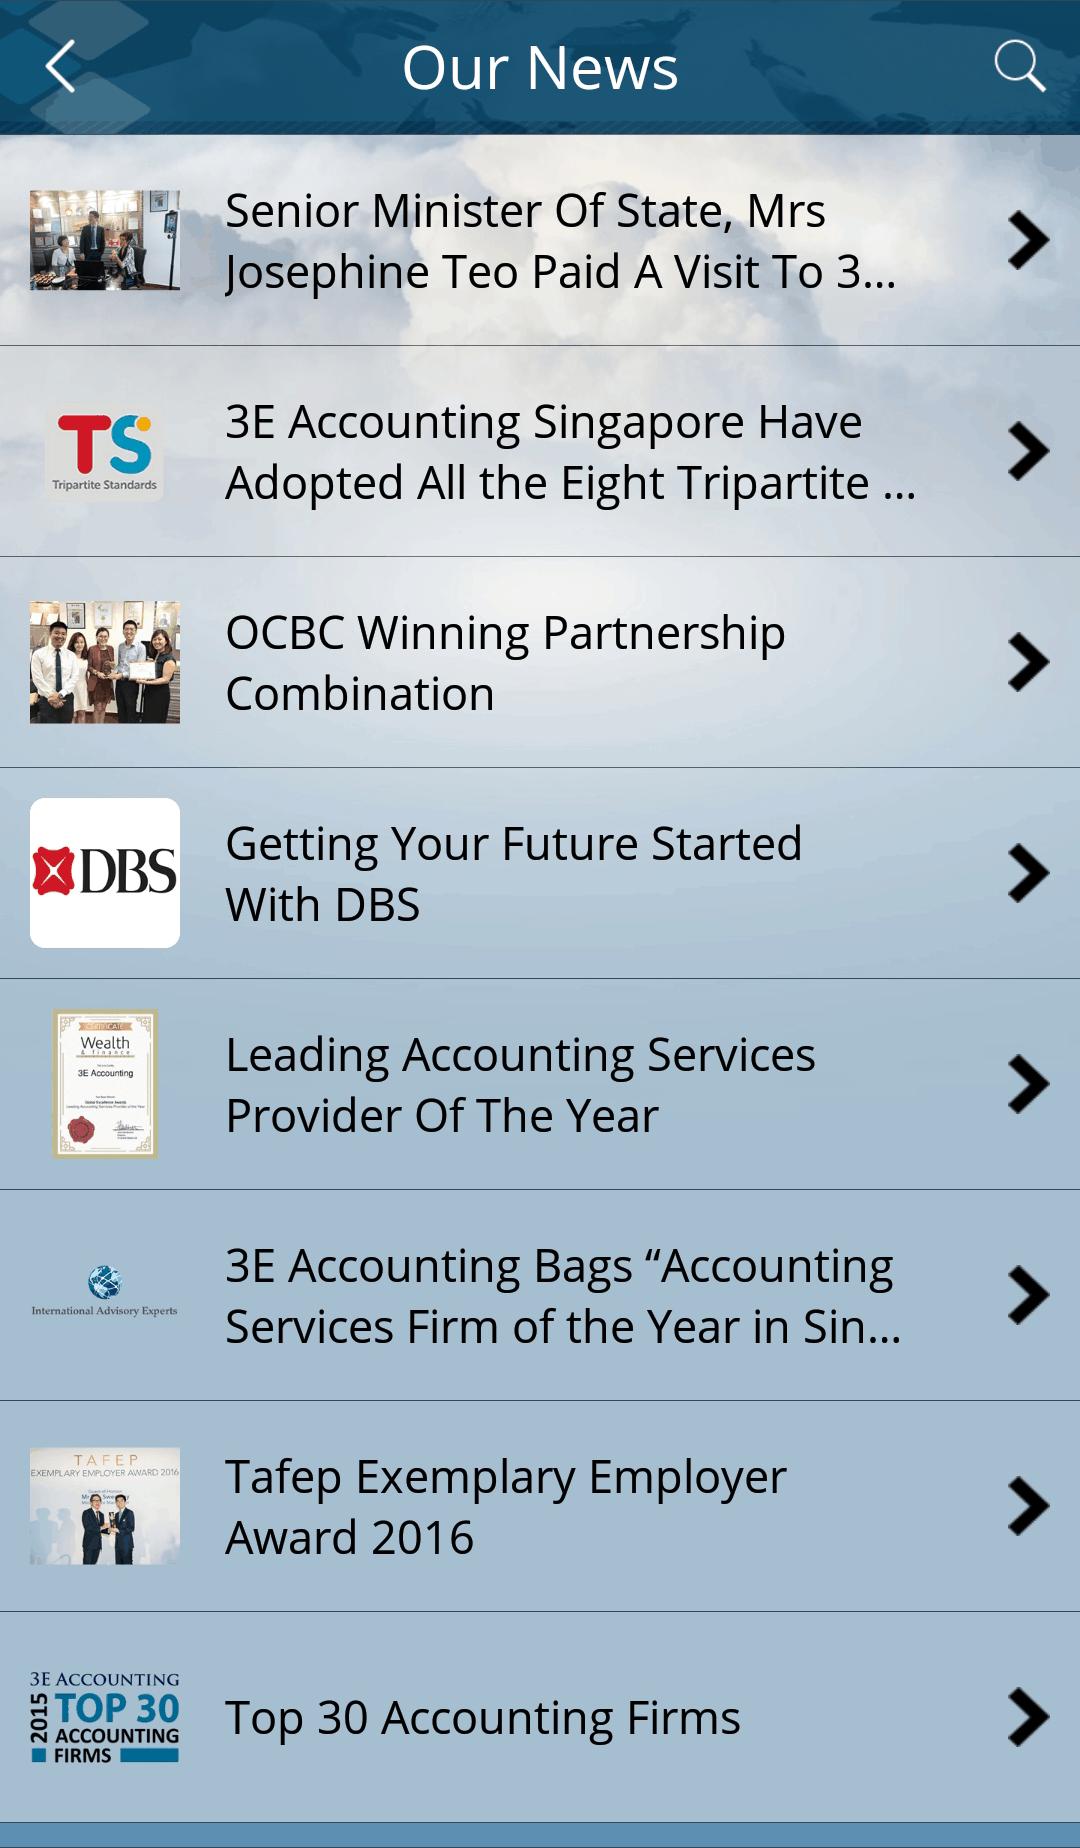 所有3E会计的新闻列表